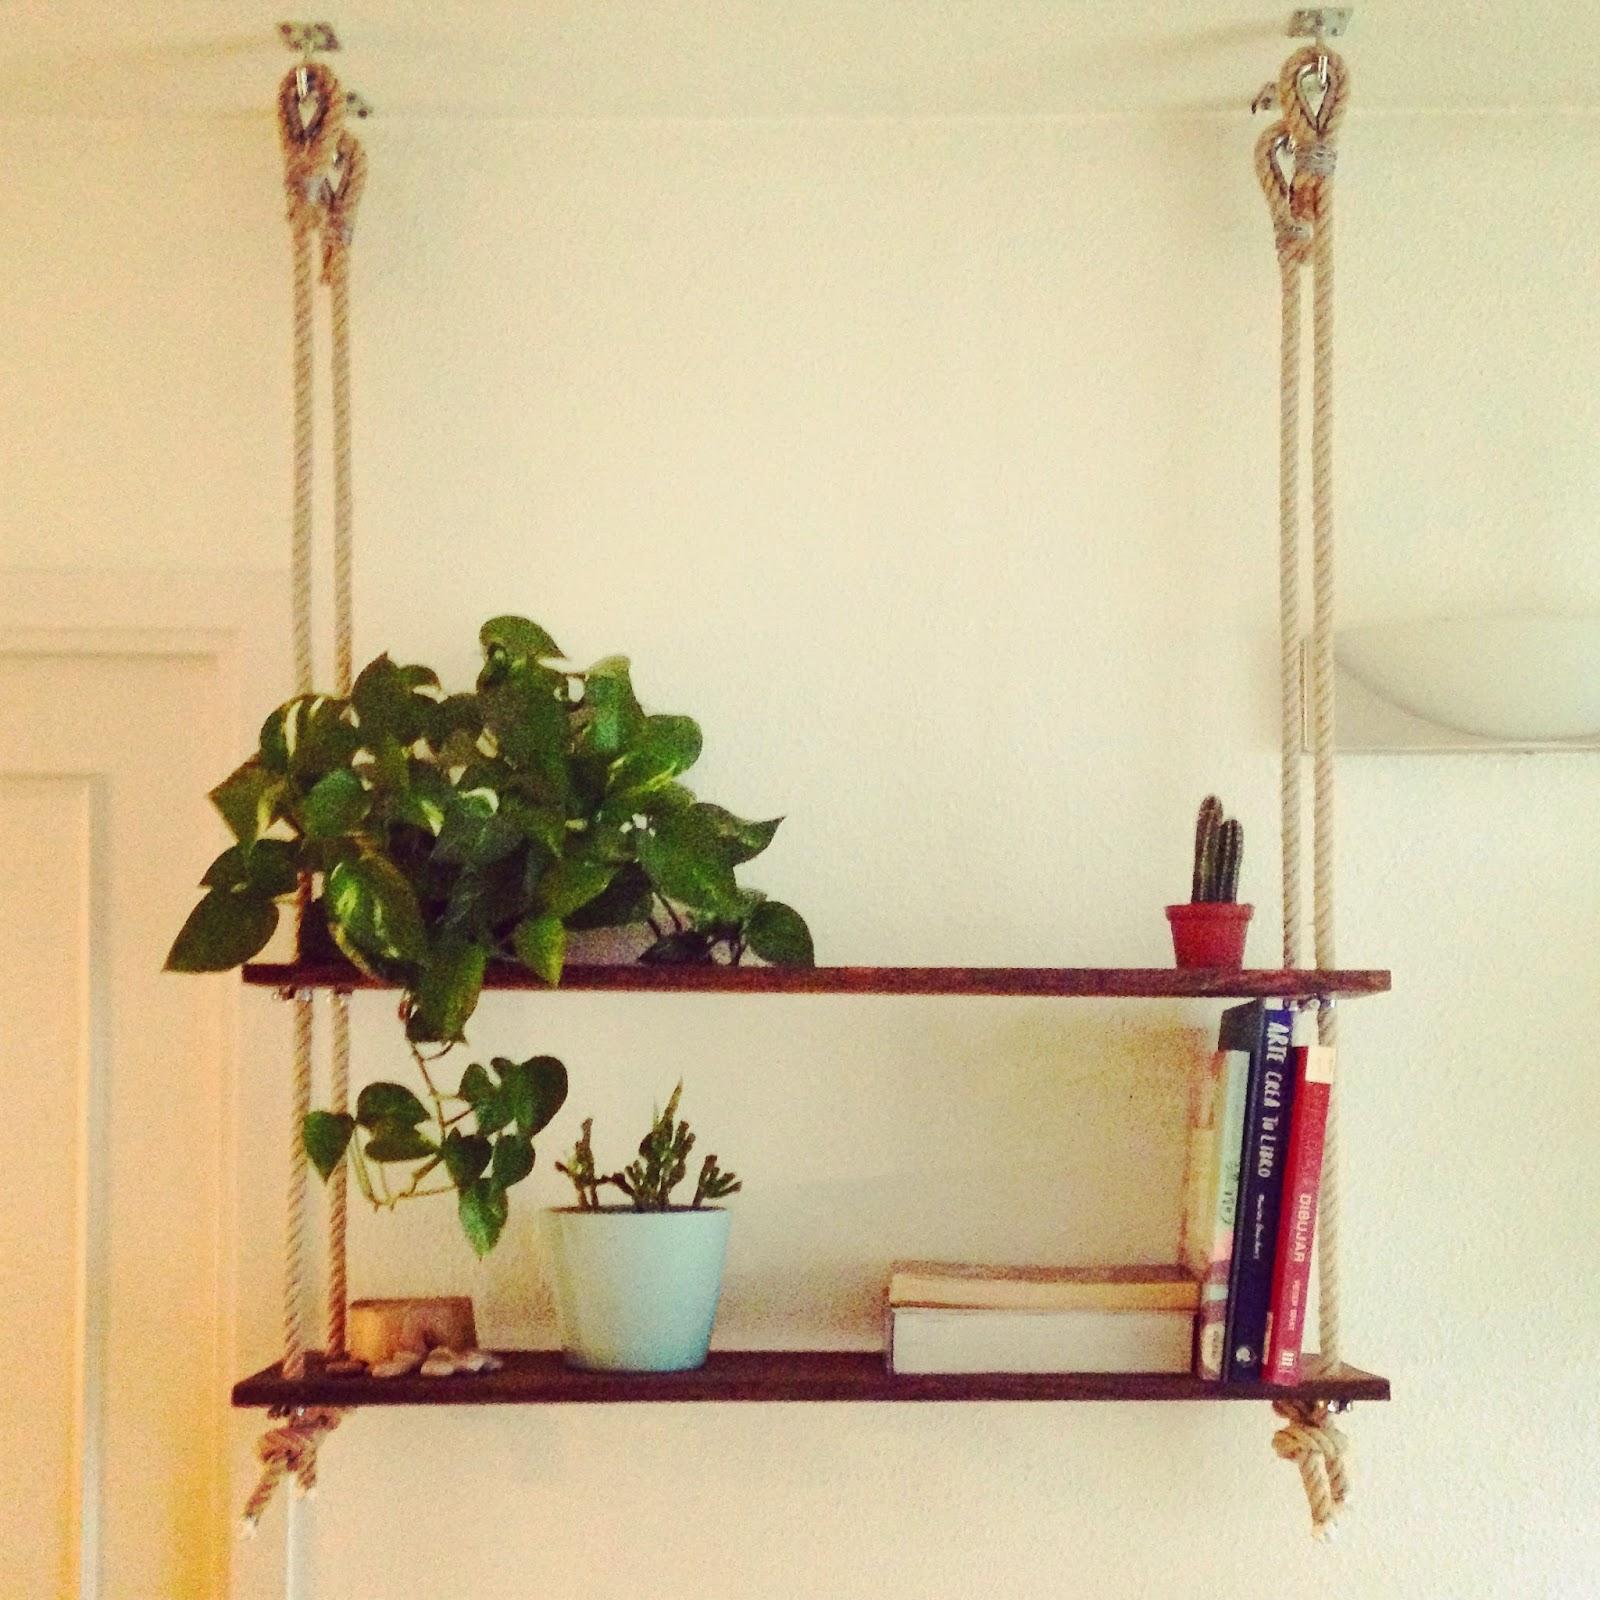 Estanter a de madera y cuerda proyecyos de rojosill n - Como hacer estanterias de madera ...